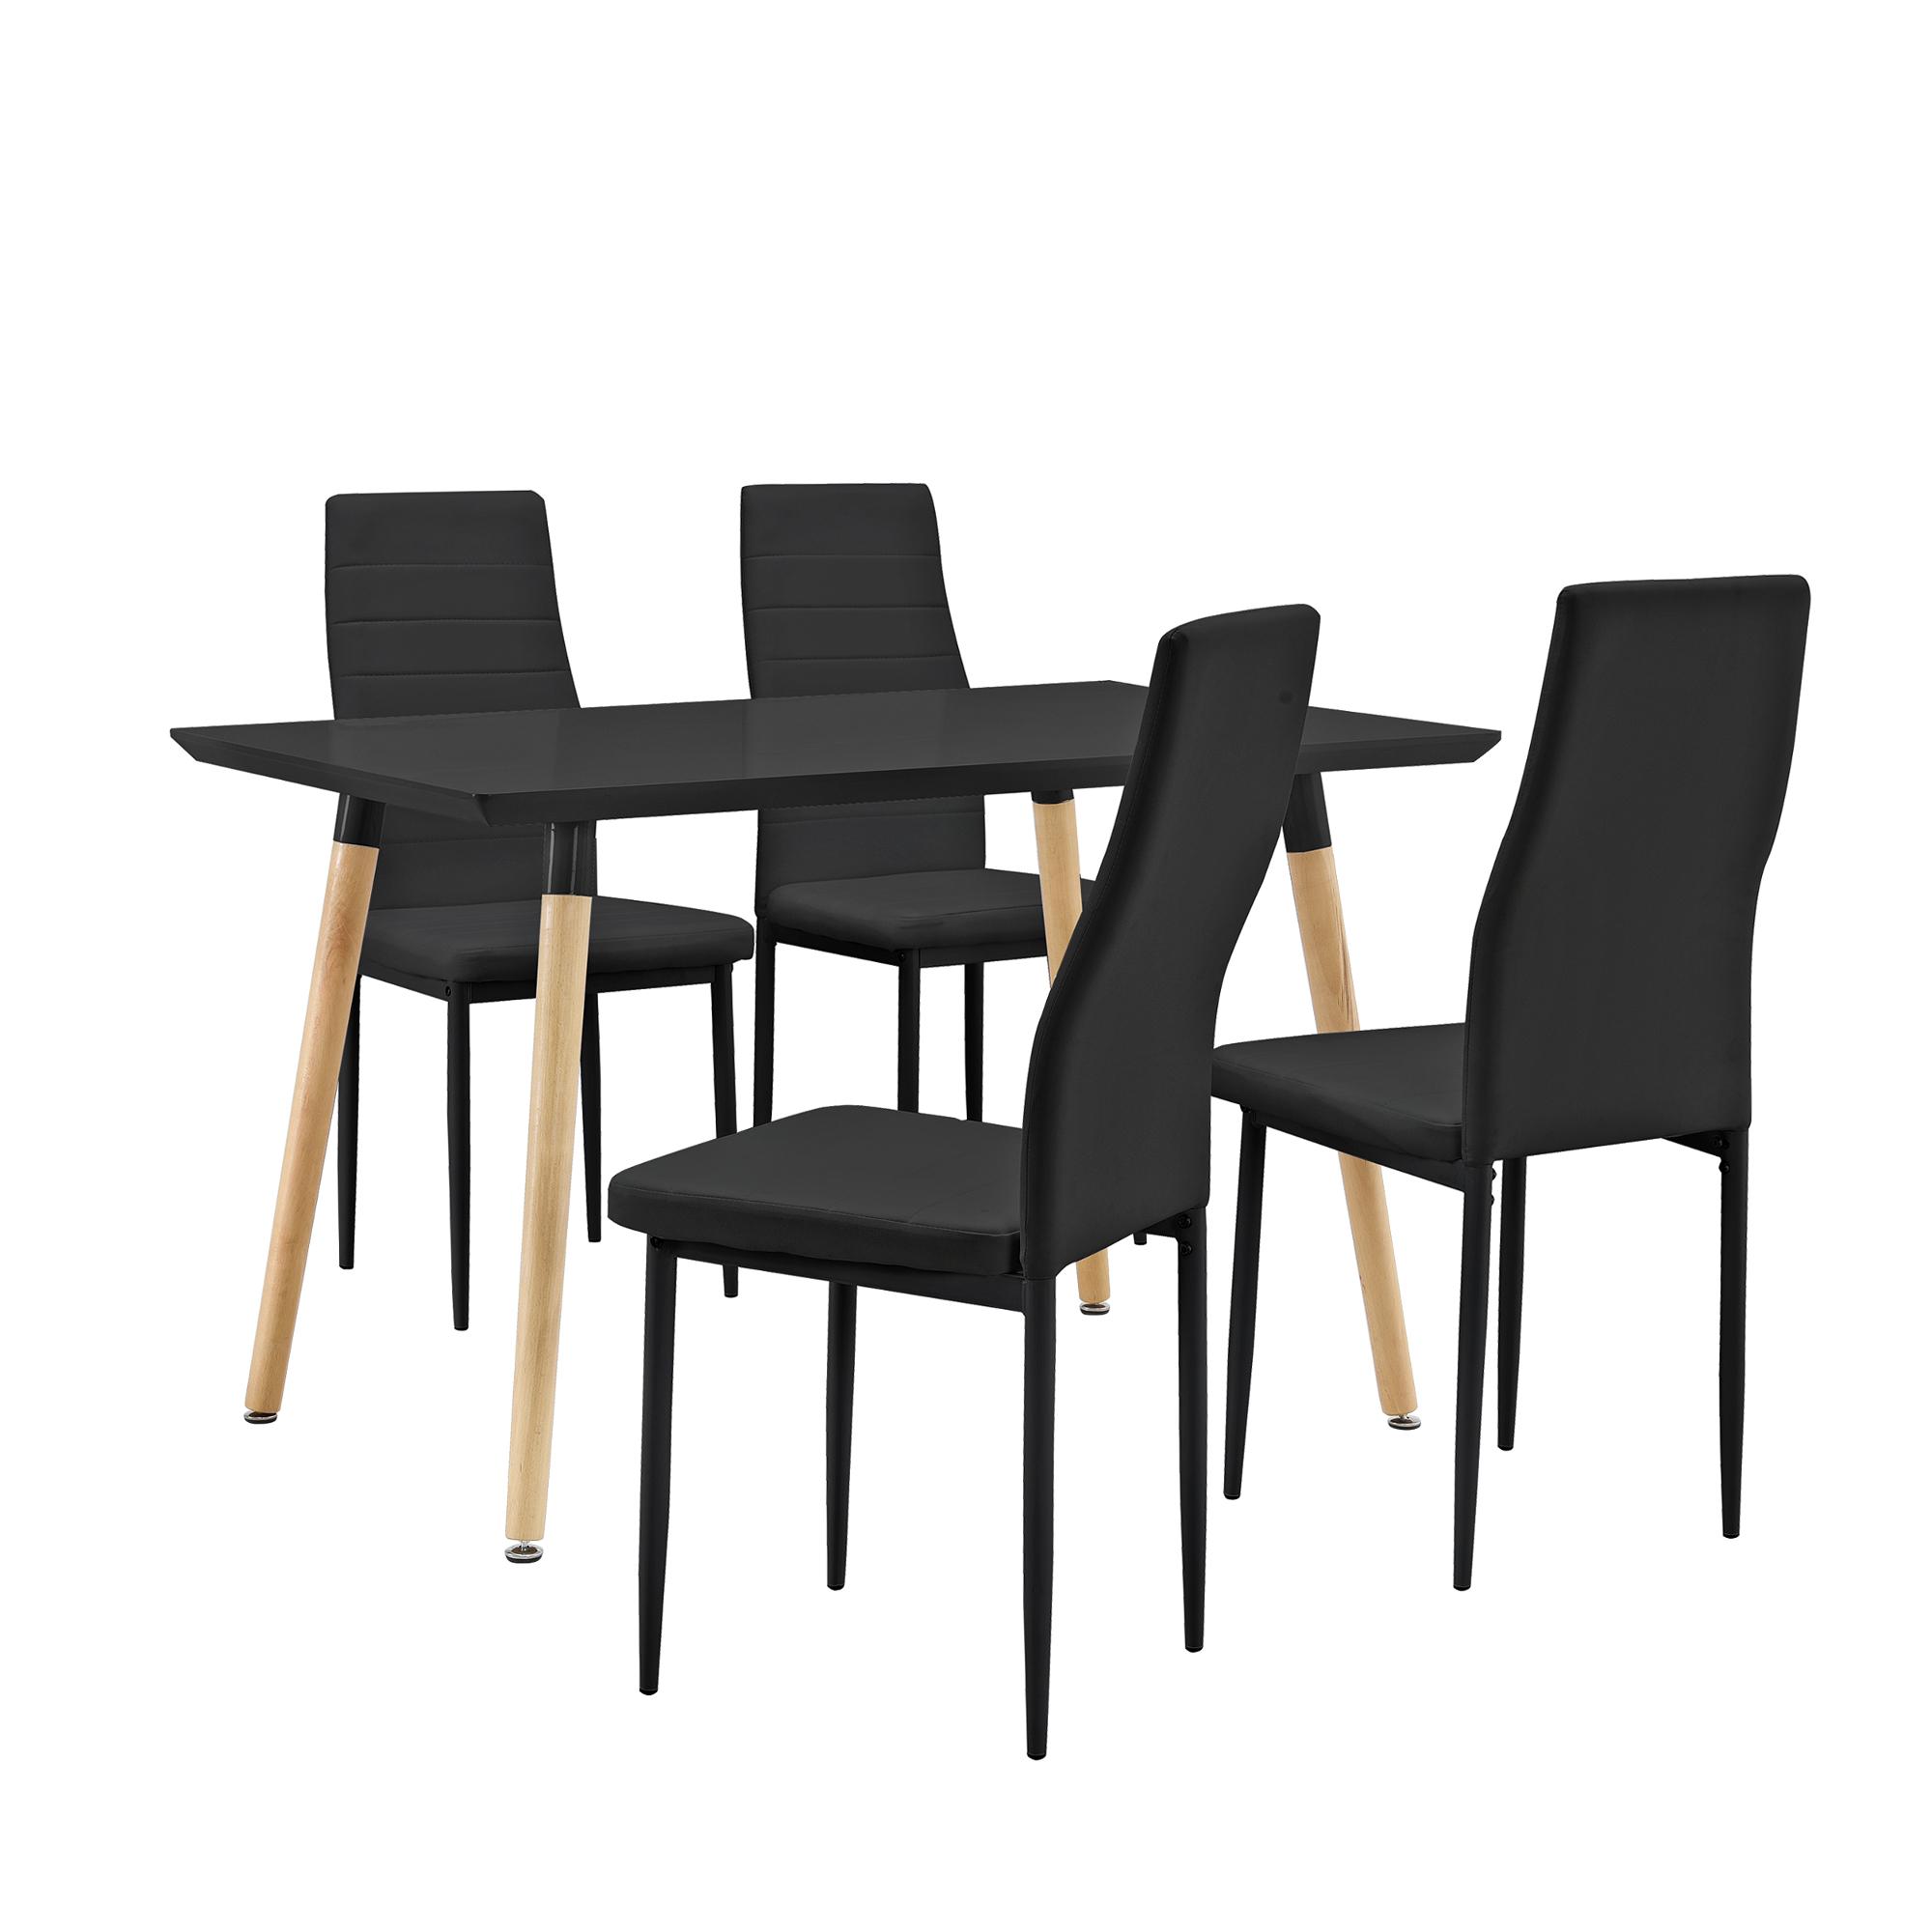 Tavolo da pranzo con 4 sedie nere 120x70cm for Tavolo 70 x 120